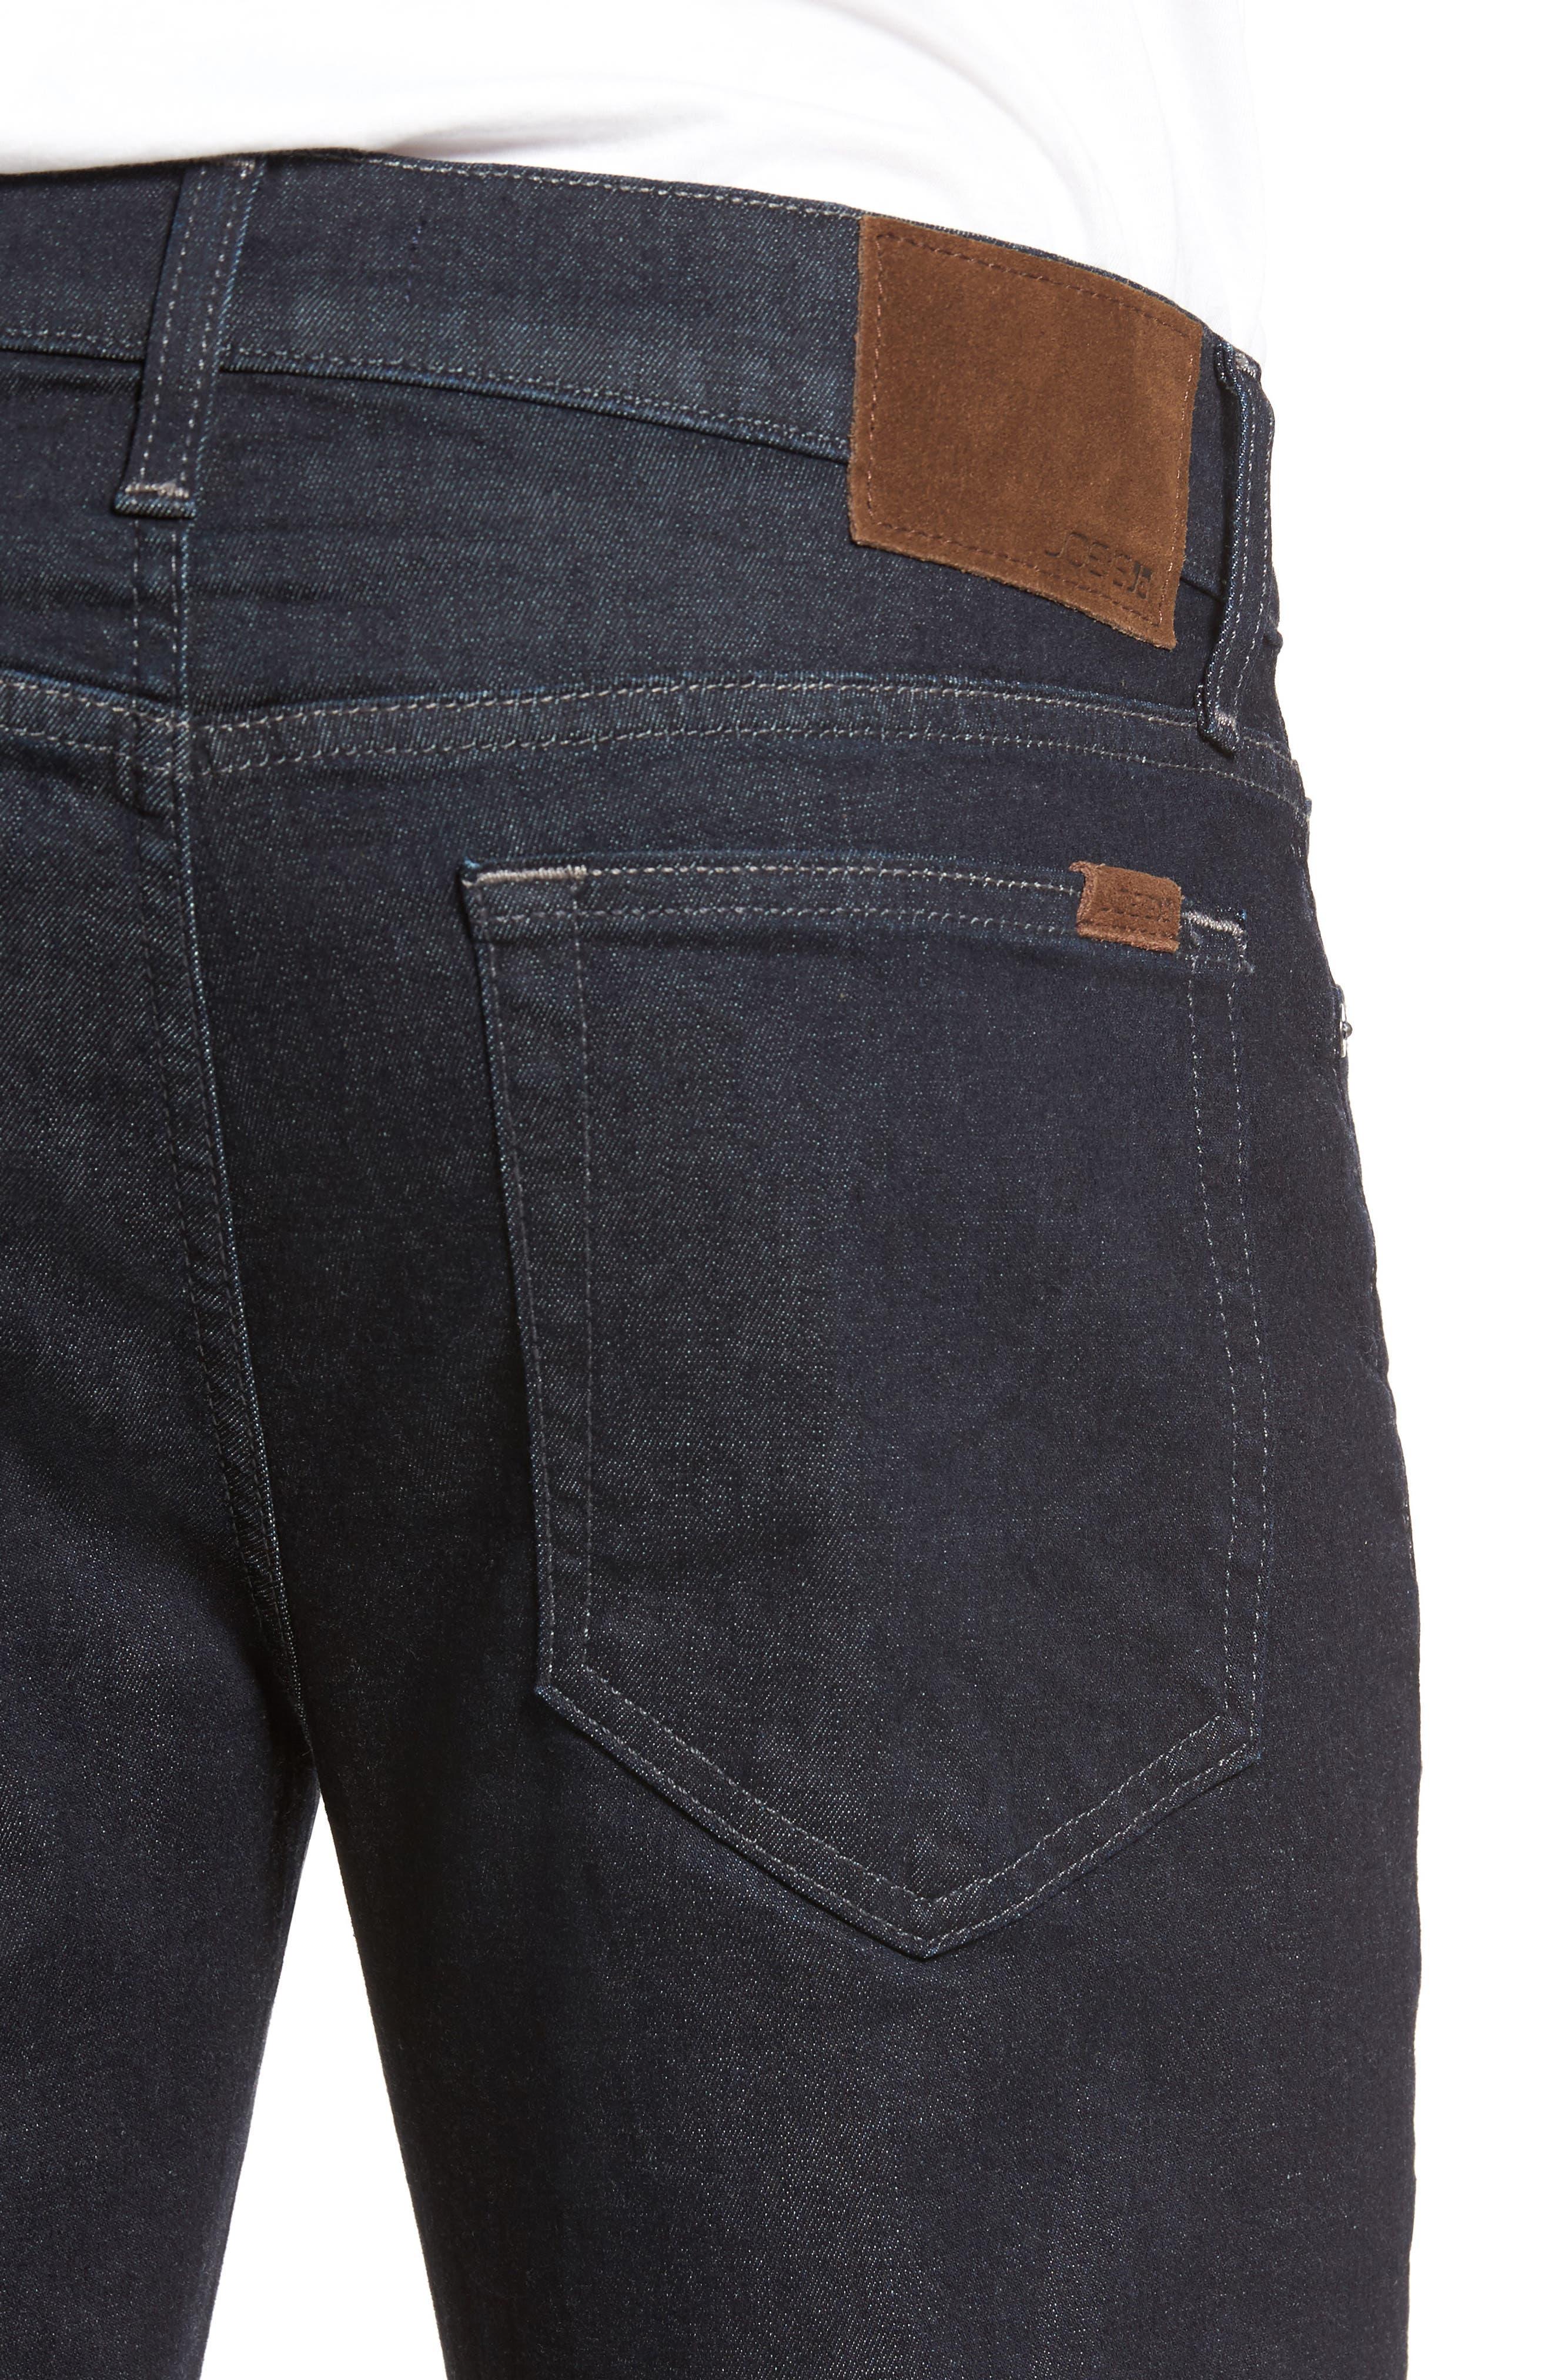 Slim Slim Fit Jeans,                             Alternate thumbnail 4, color,                             NUHOLLIS